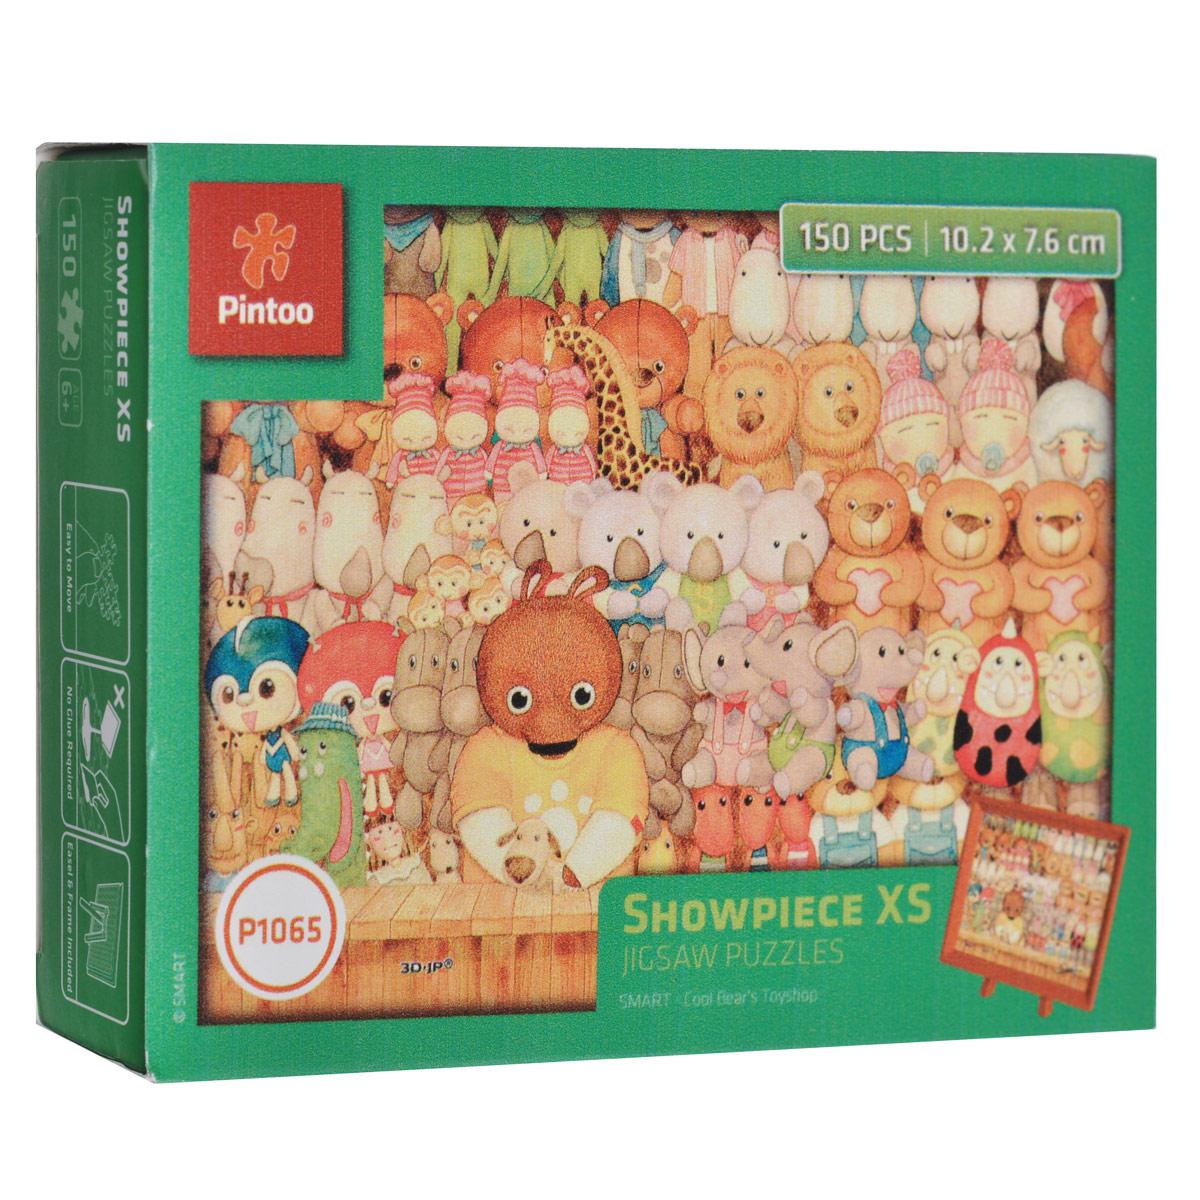 Медвежата. Пазл, 150 элементовР1065Пазл «Медвежата», без сомнения, придется вам по душе. Собрав этот пазл, включающий в себя 150 элементов, вы получите великолепную картину с изображением медвежат, слоников и других плюшевых игрушек. В комплект входит рамка и подставка для рамки. Пазл - великолепная игра для семейного досуга. Сегодня собирание пазлов стало особенно популярным, главным образом, благодаря своей многообразной тематике, способной удовлетворить самый взыскательный вкус. А для детей это не только интересно, но и полезно. Собирание пазла развивает мелкую моторику у ребенка, тренирует наблюдательность, логическое мышление, знакомит с окружающим миром, с цветом и разнообразными формами.